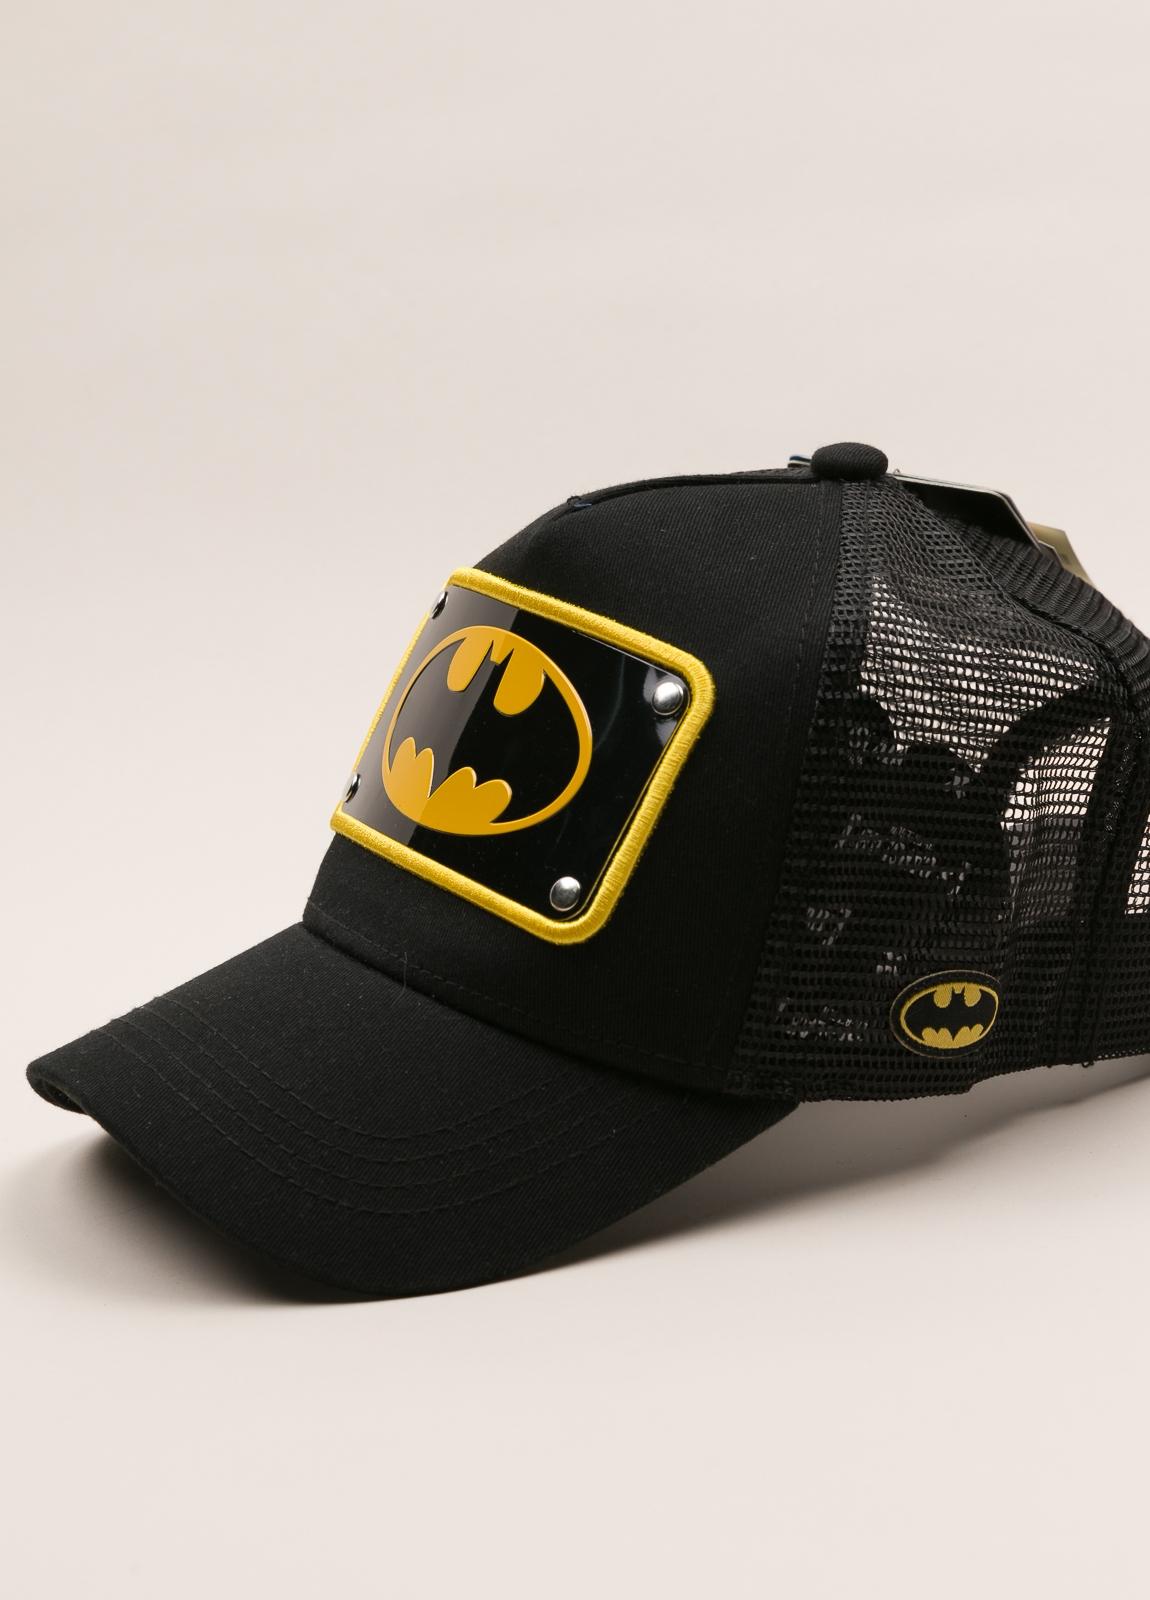 Gorra CAPSLAB Batman - Ítem1